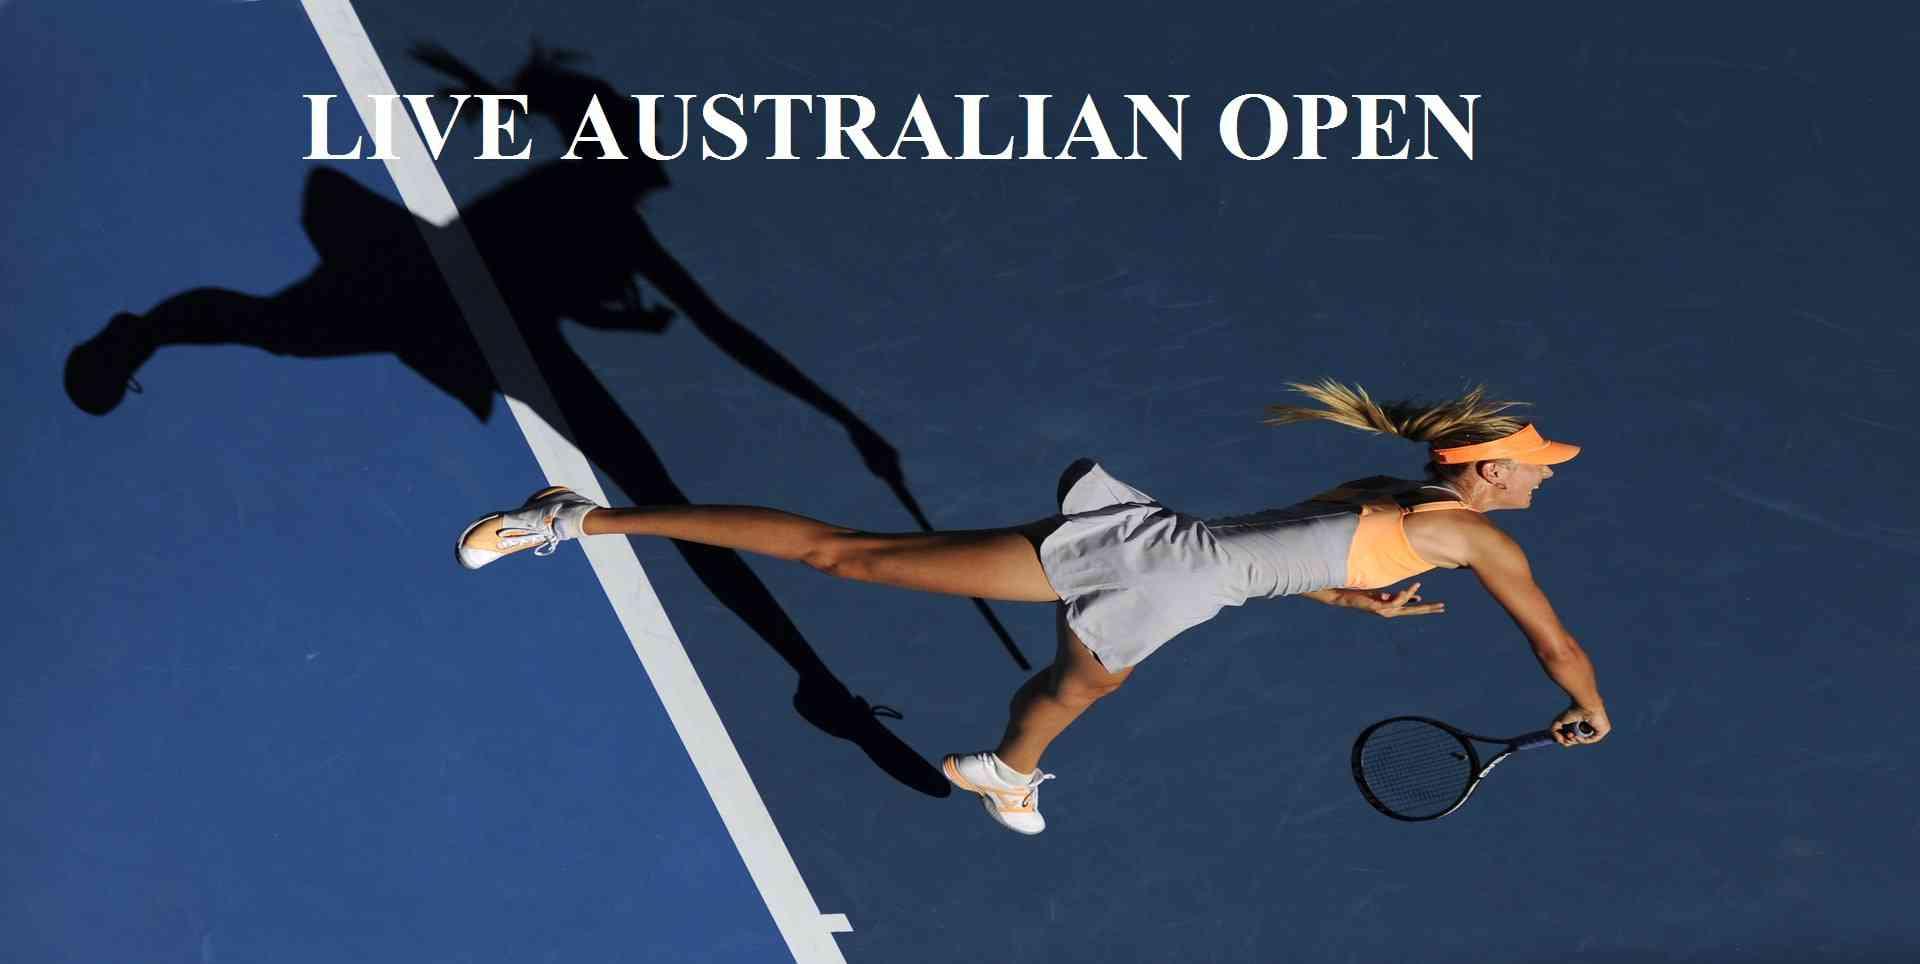 2017 Australian Open quarterfinals live